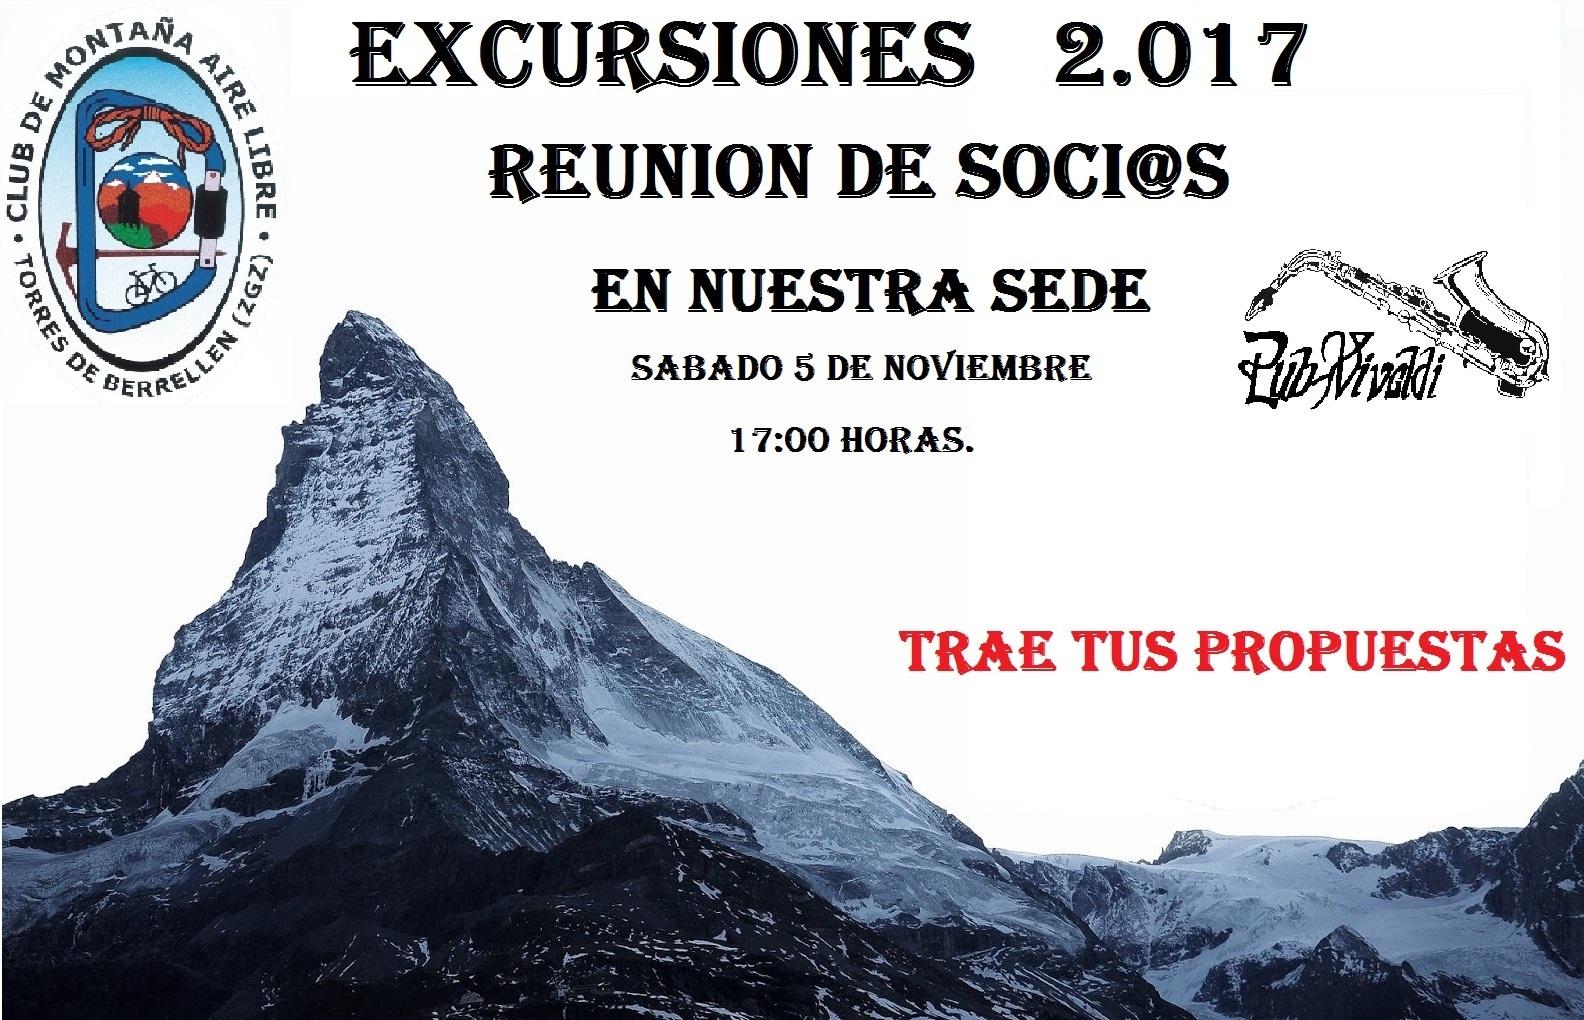 cartel-excursiones-2017